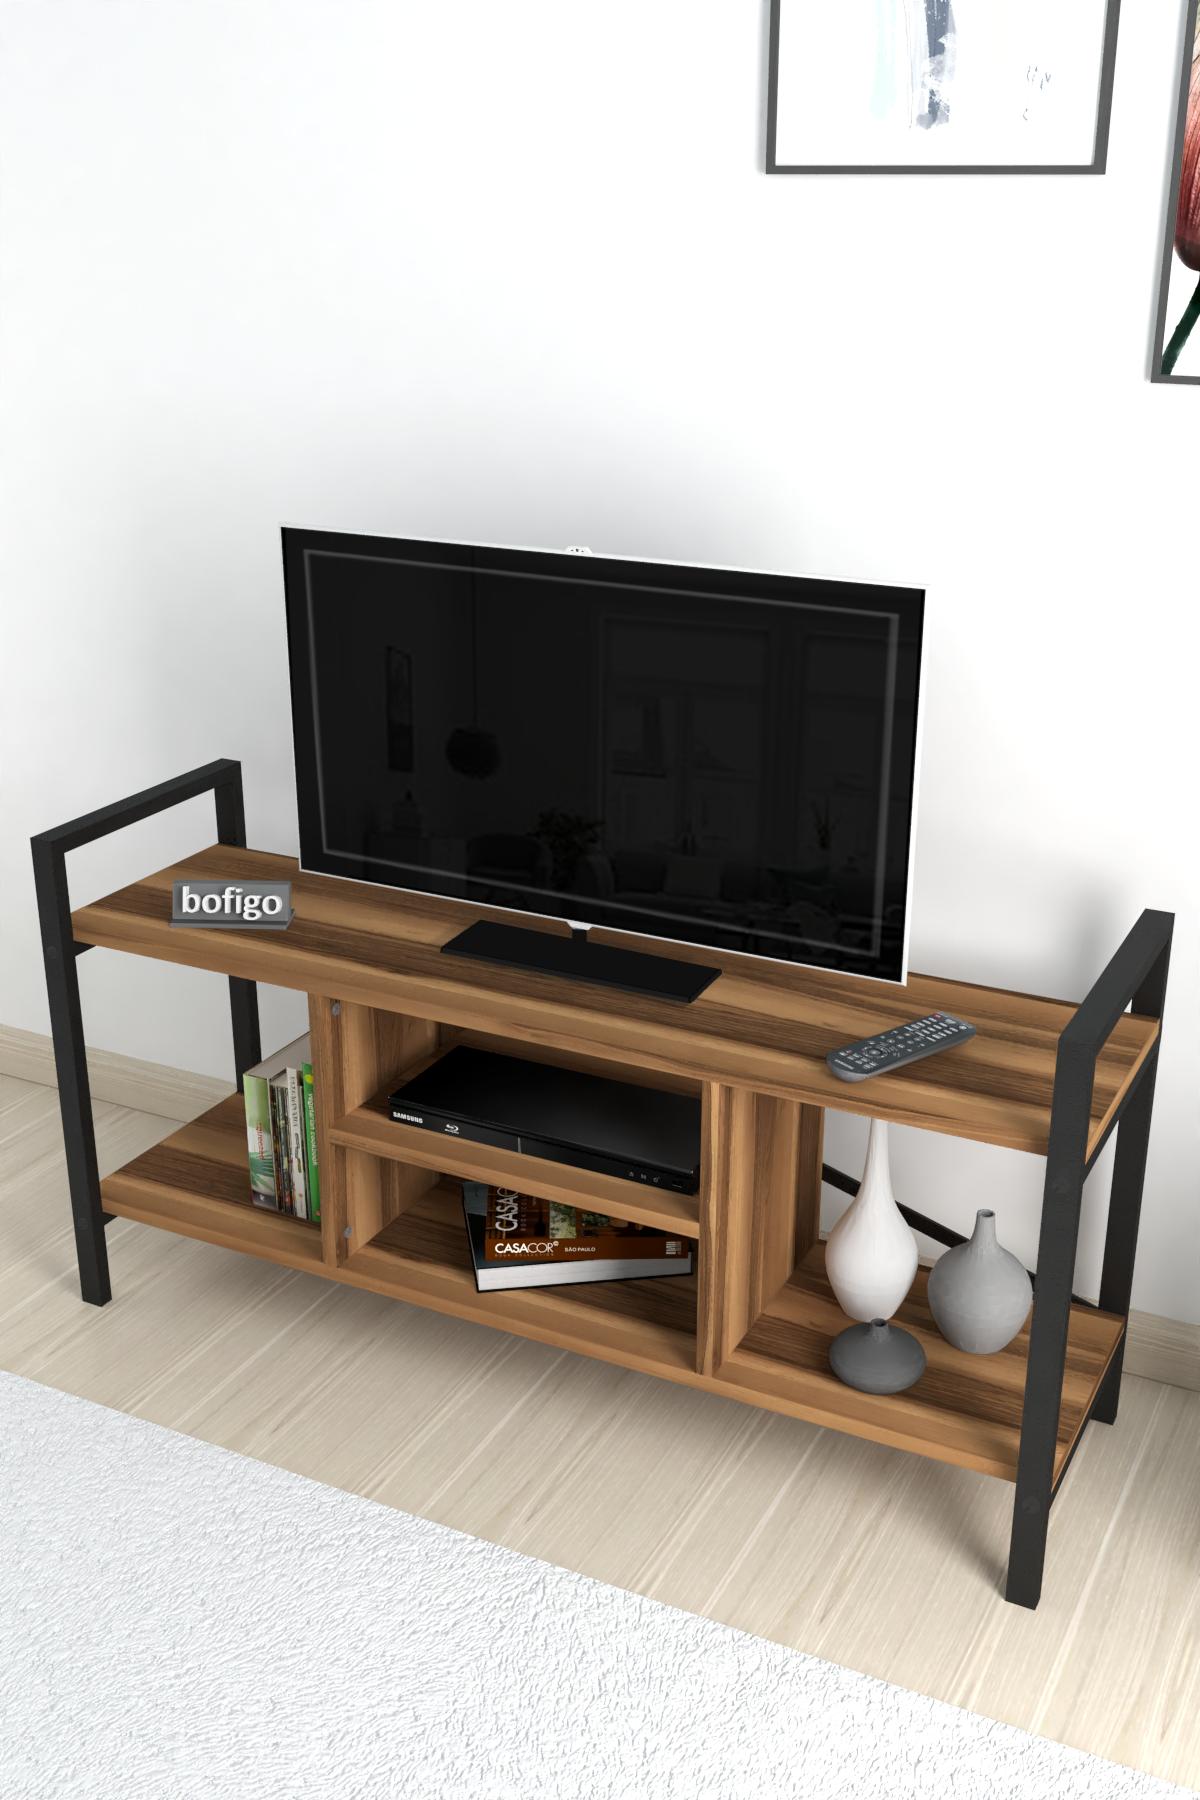 Bofigo TV Sehpası Raflı TV Ünitesi Televizyon Sehpası Ceviz